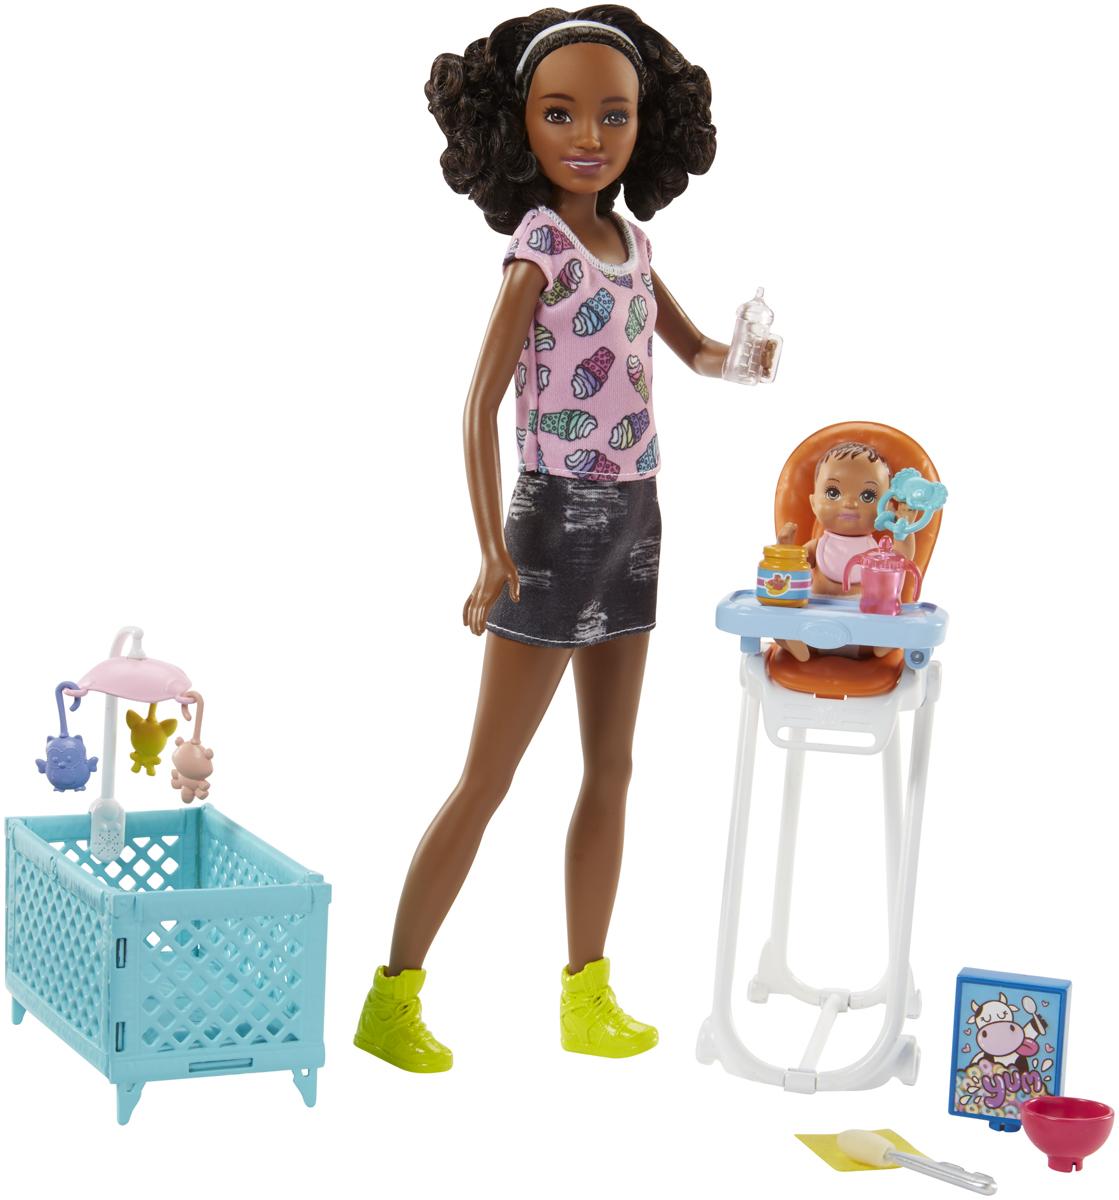 Barbie Игровой набор с куклой Няня кукла barbie космические приключения с летающим котом попкорном 29 см